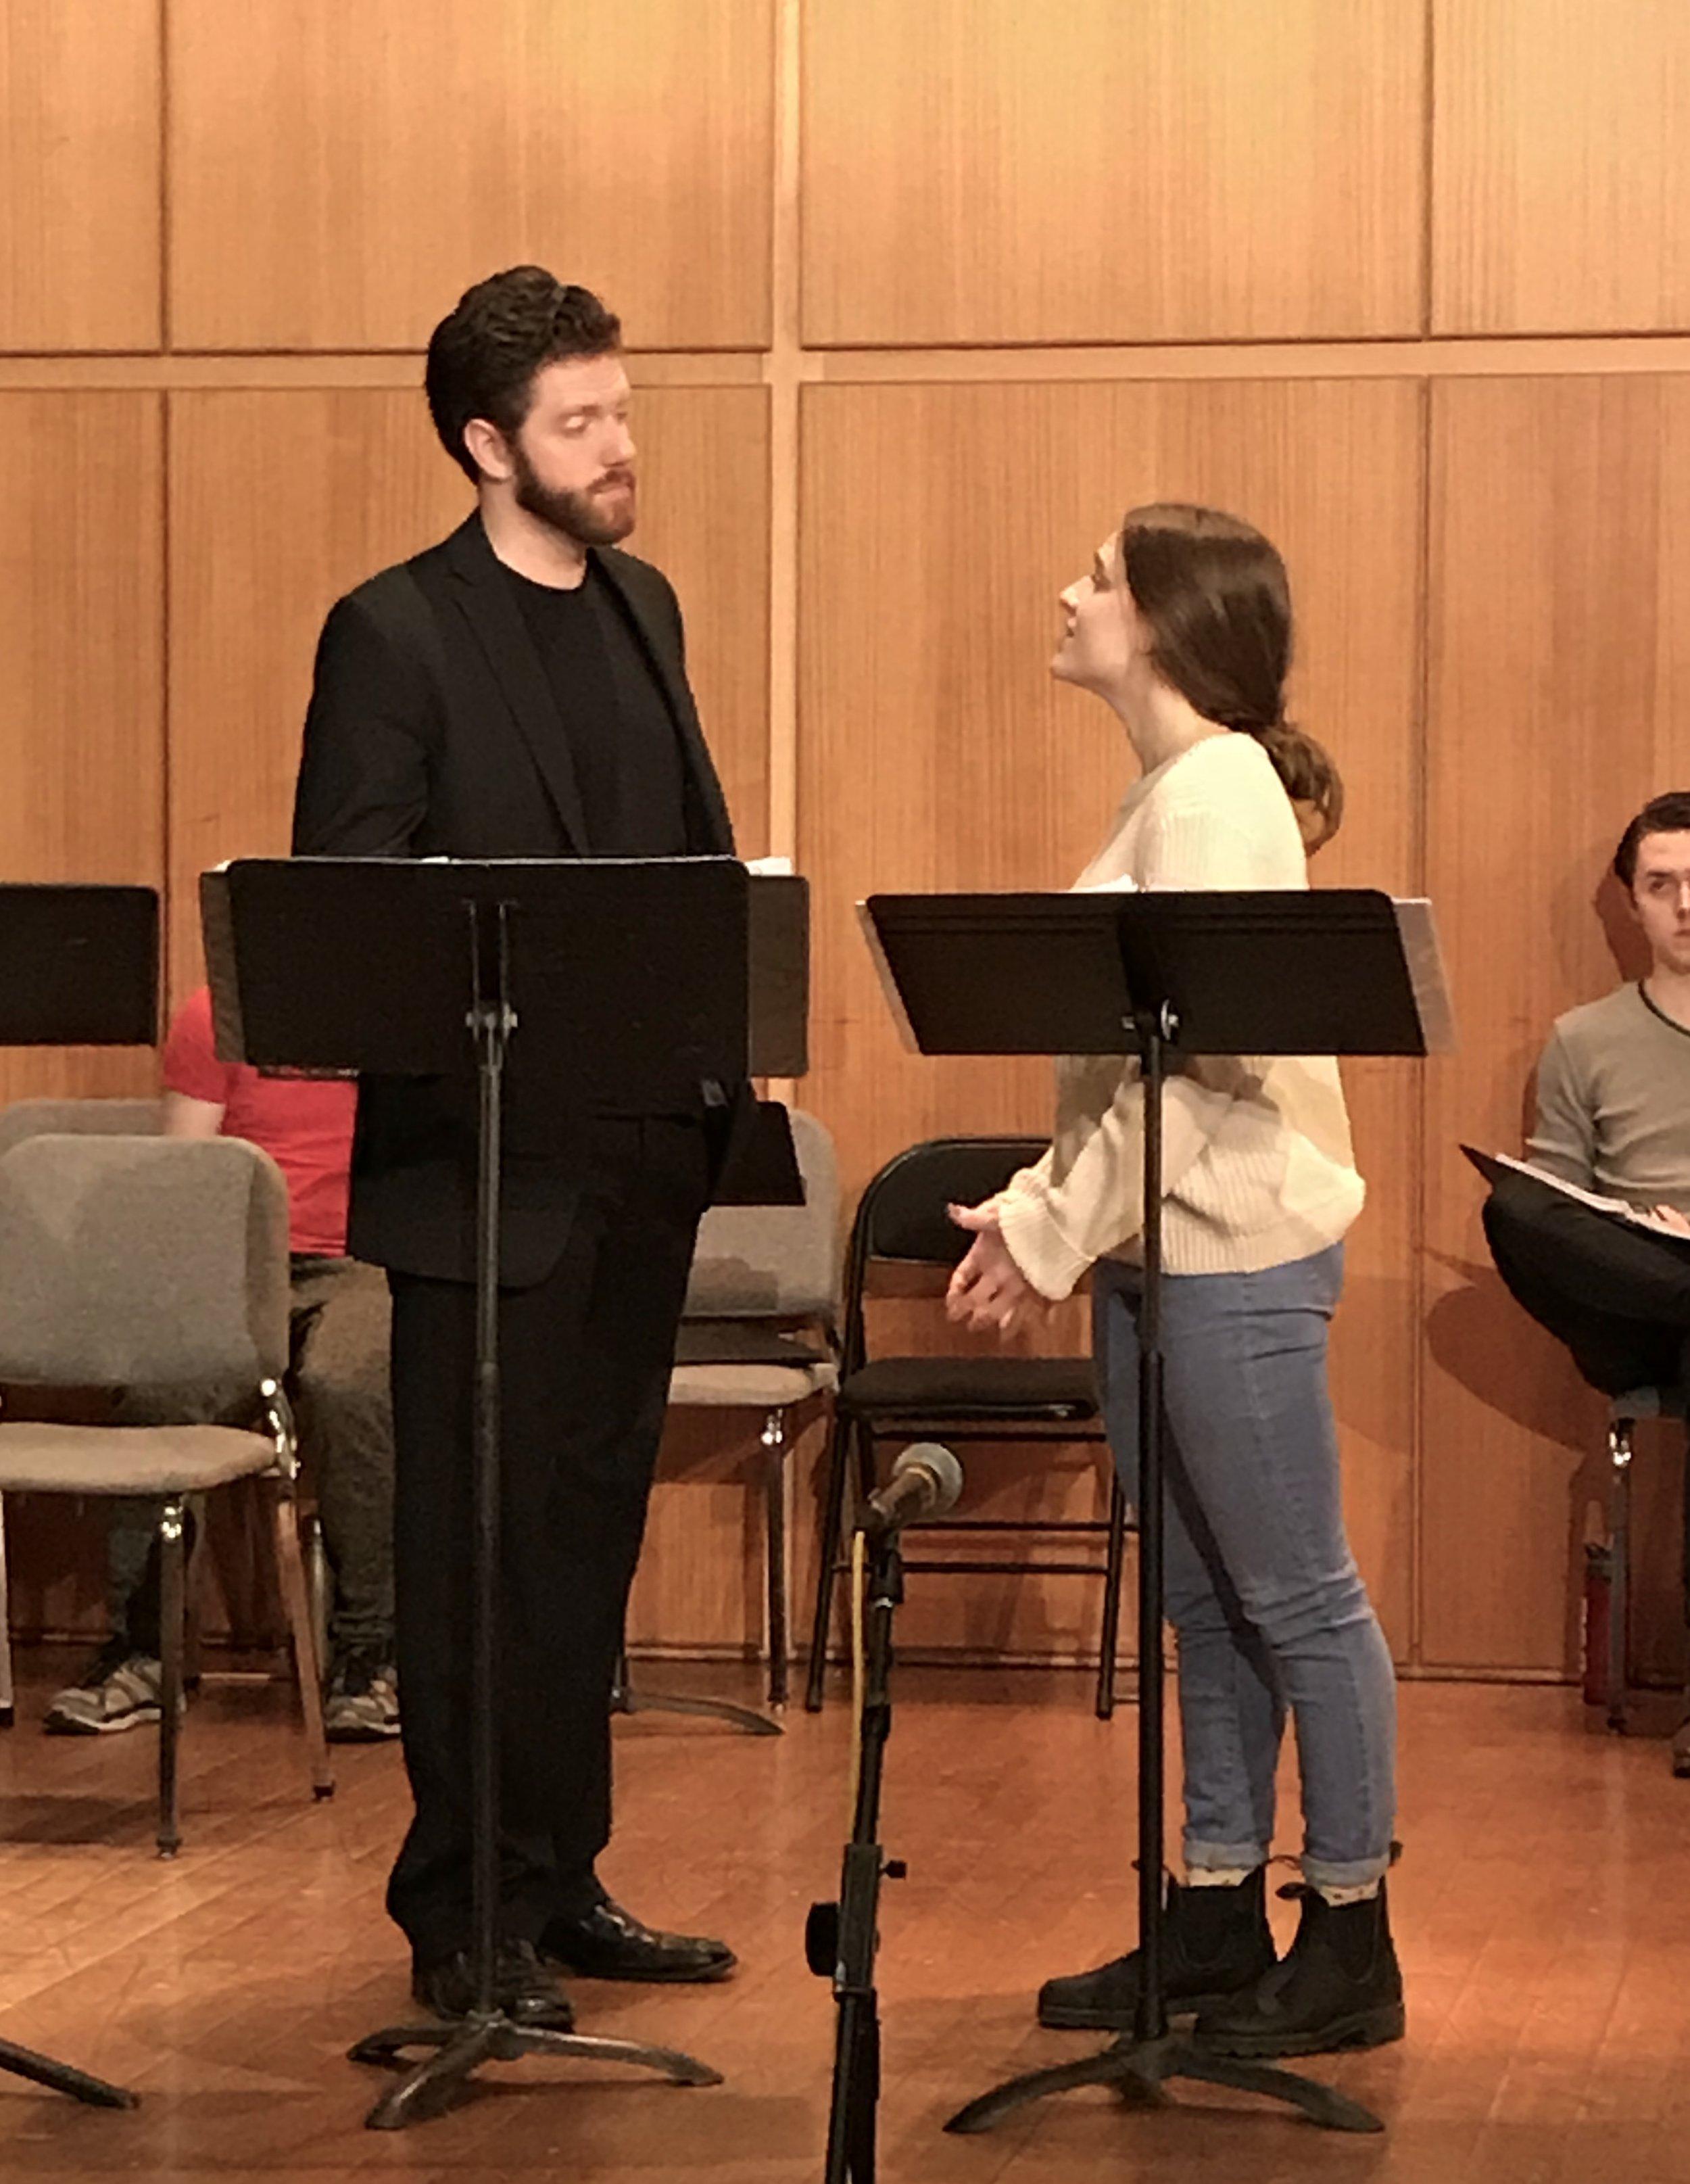 Jake Blouch & Samantha Mautner